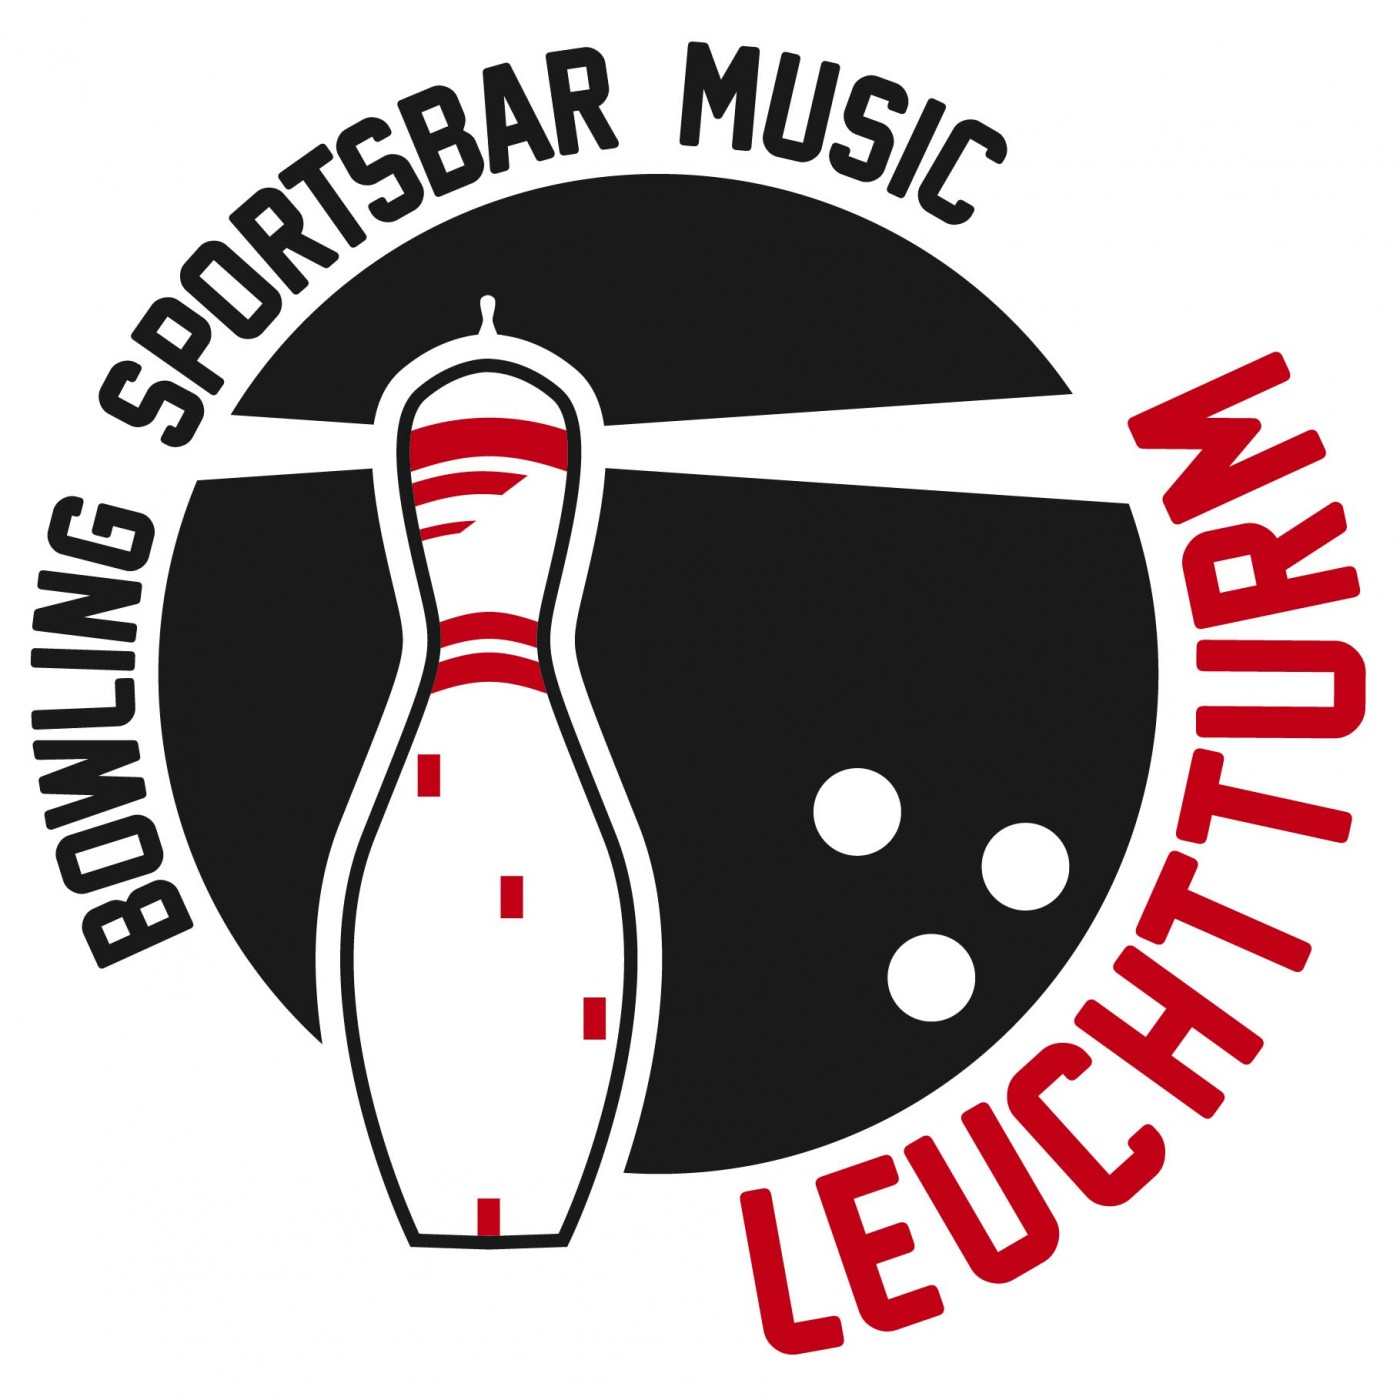 Leuchtturm Bowling Sportsbar Musik Schwäbisch Gmünd